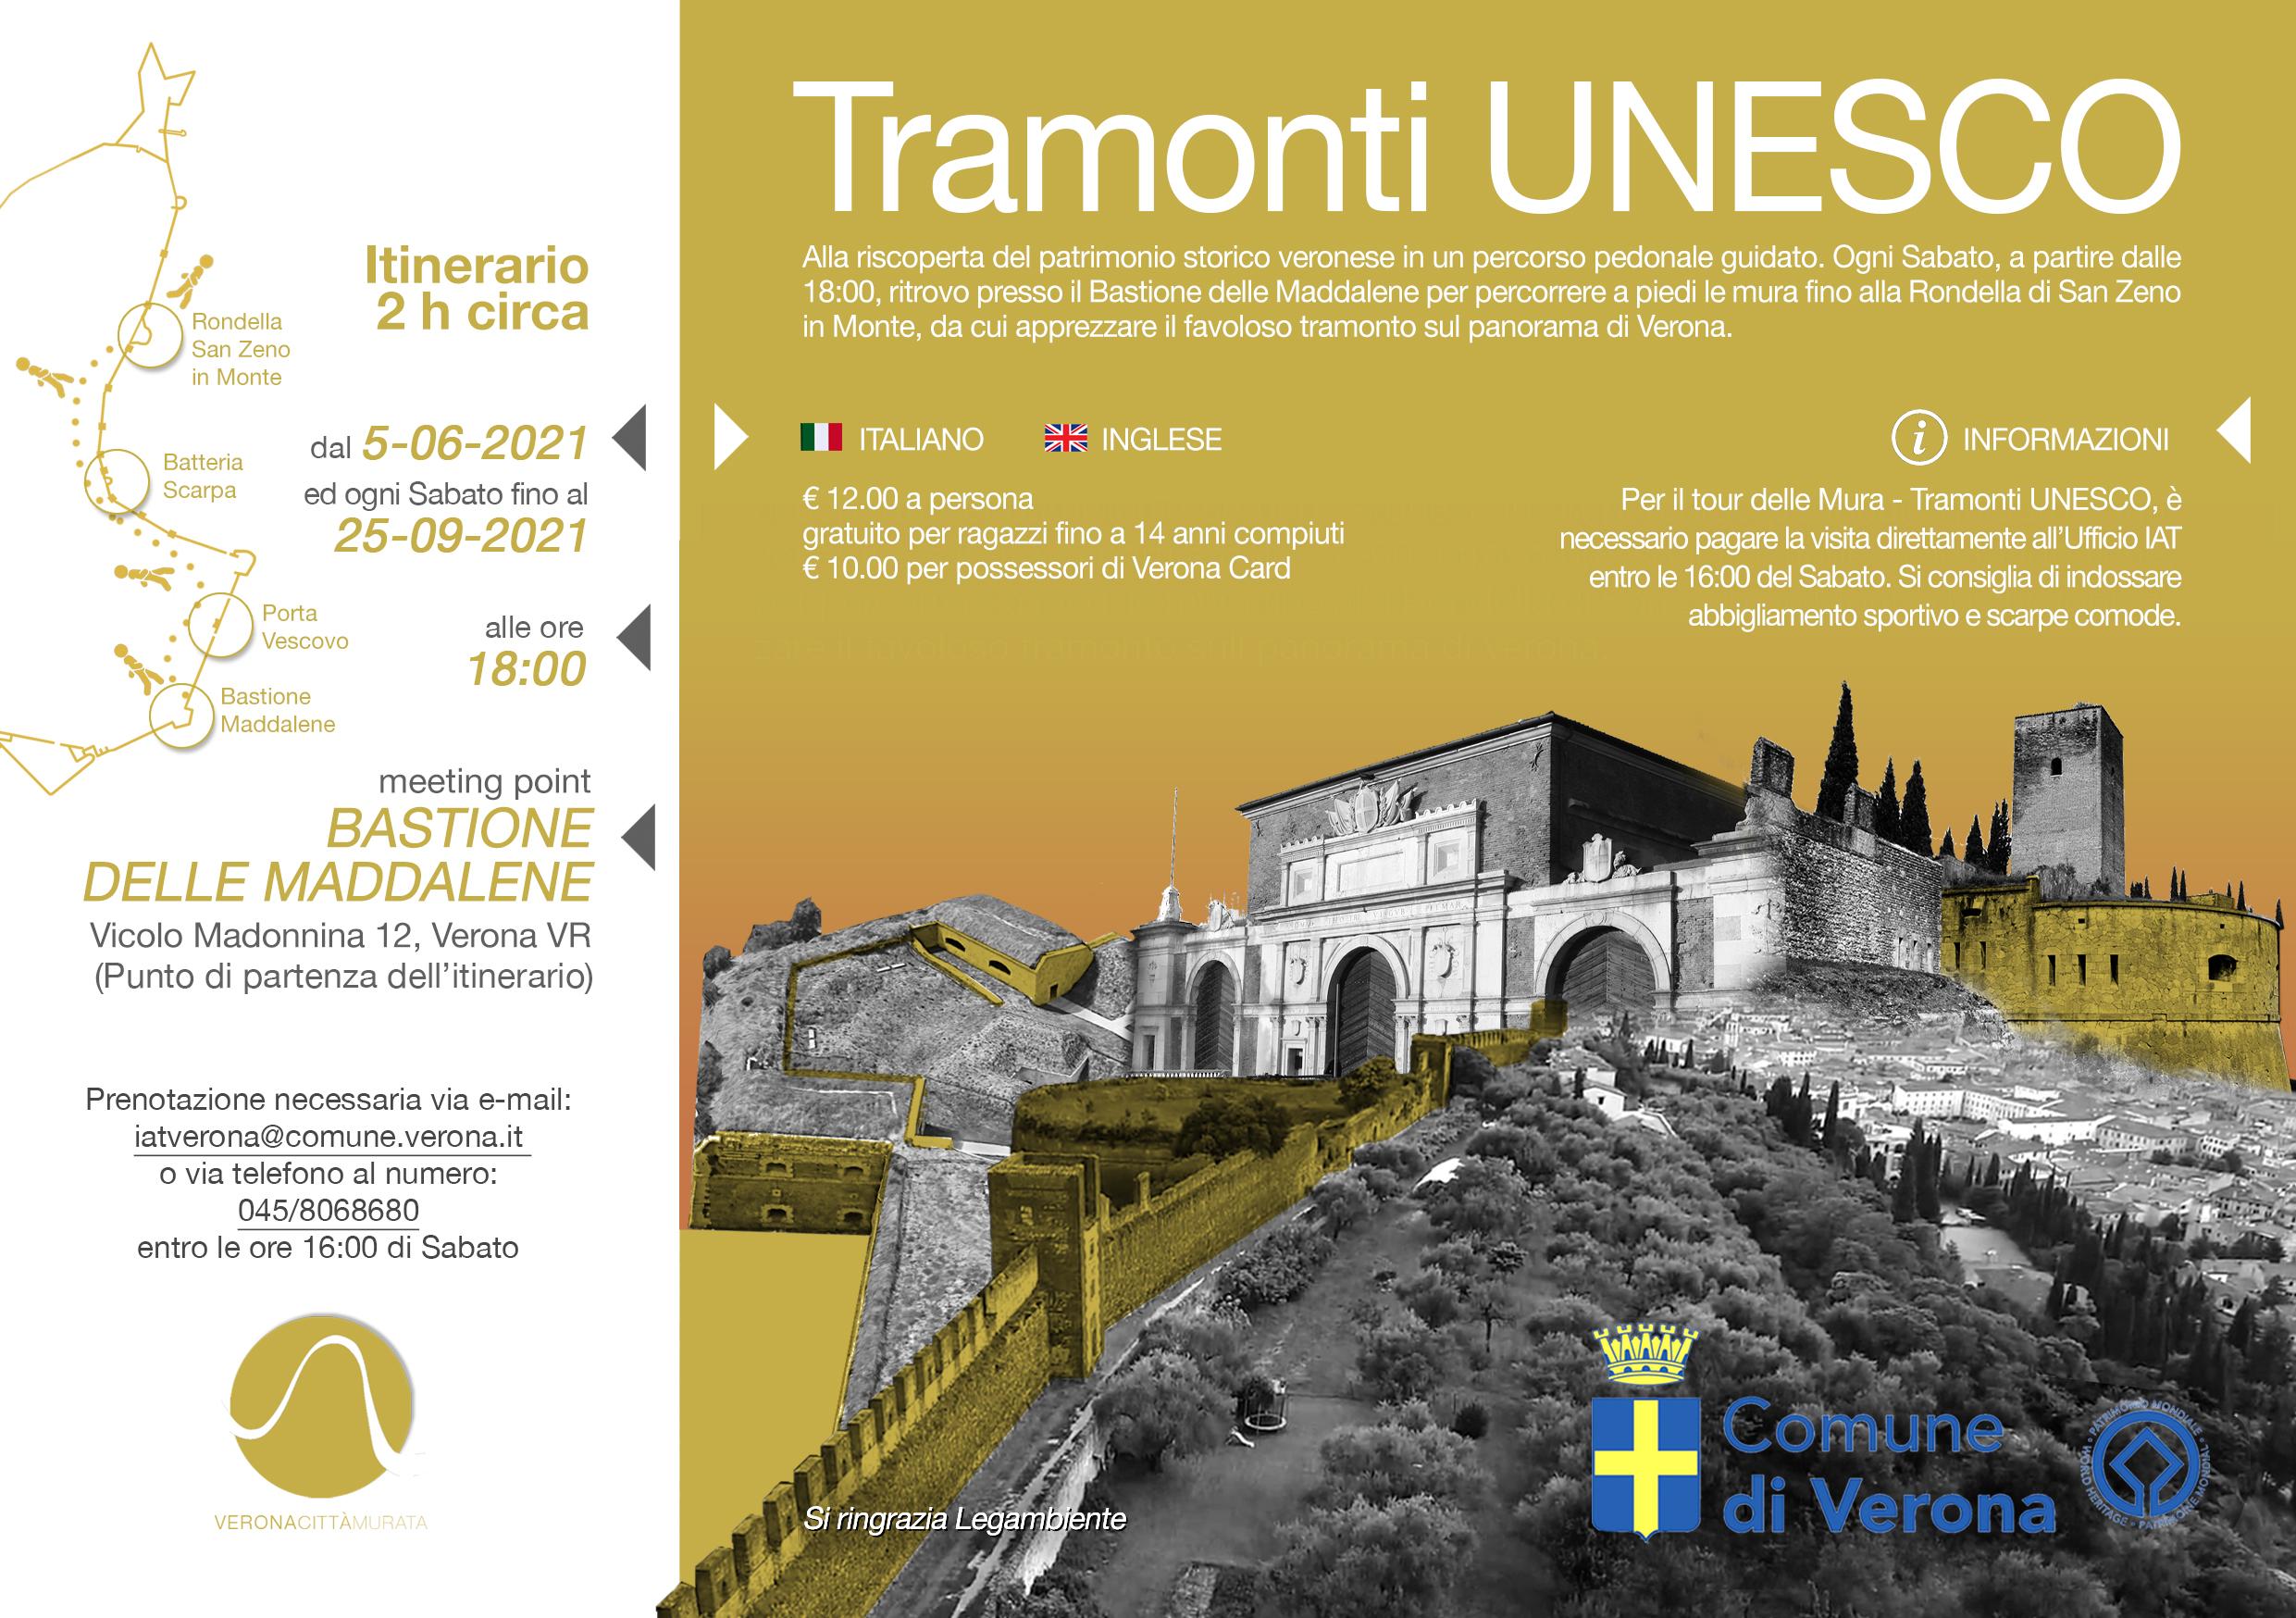 Tramonti Unesco